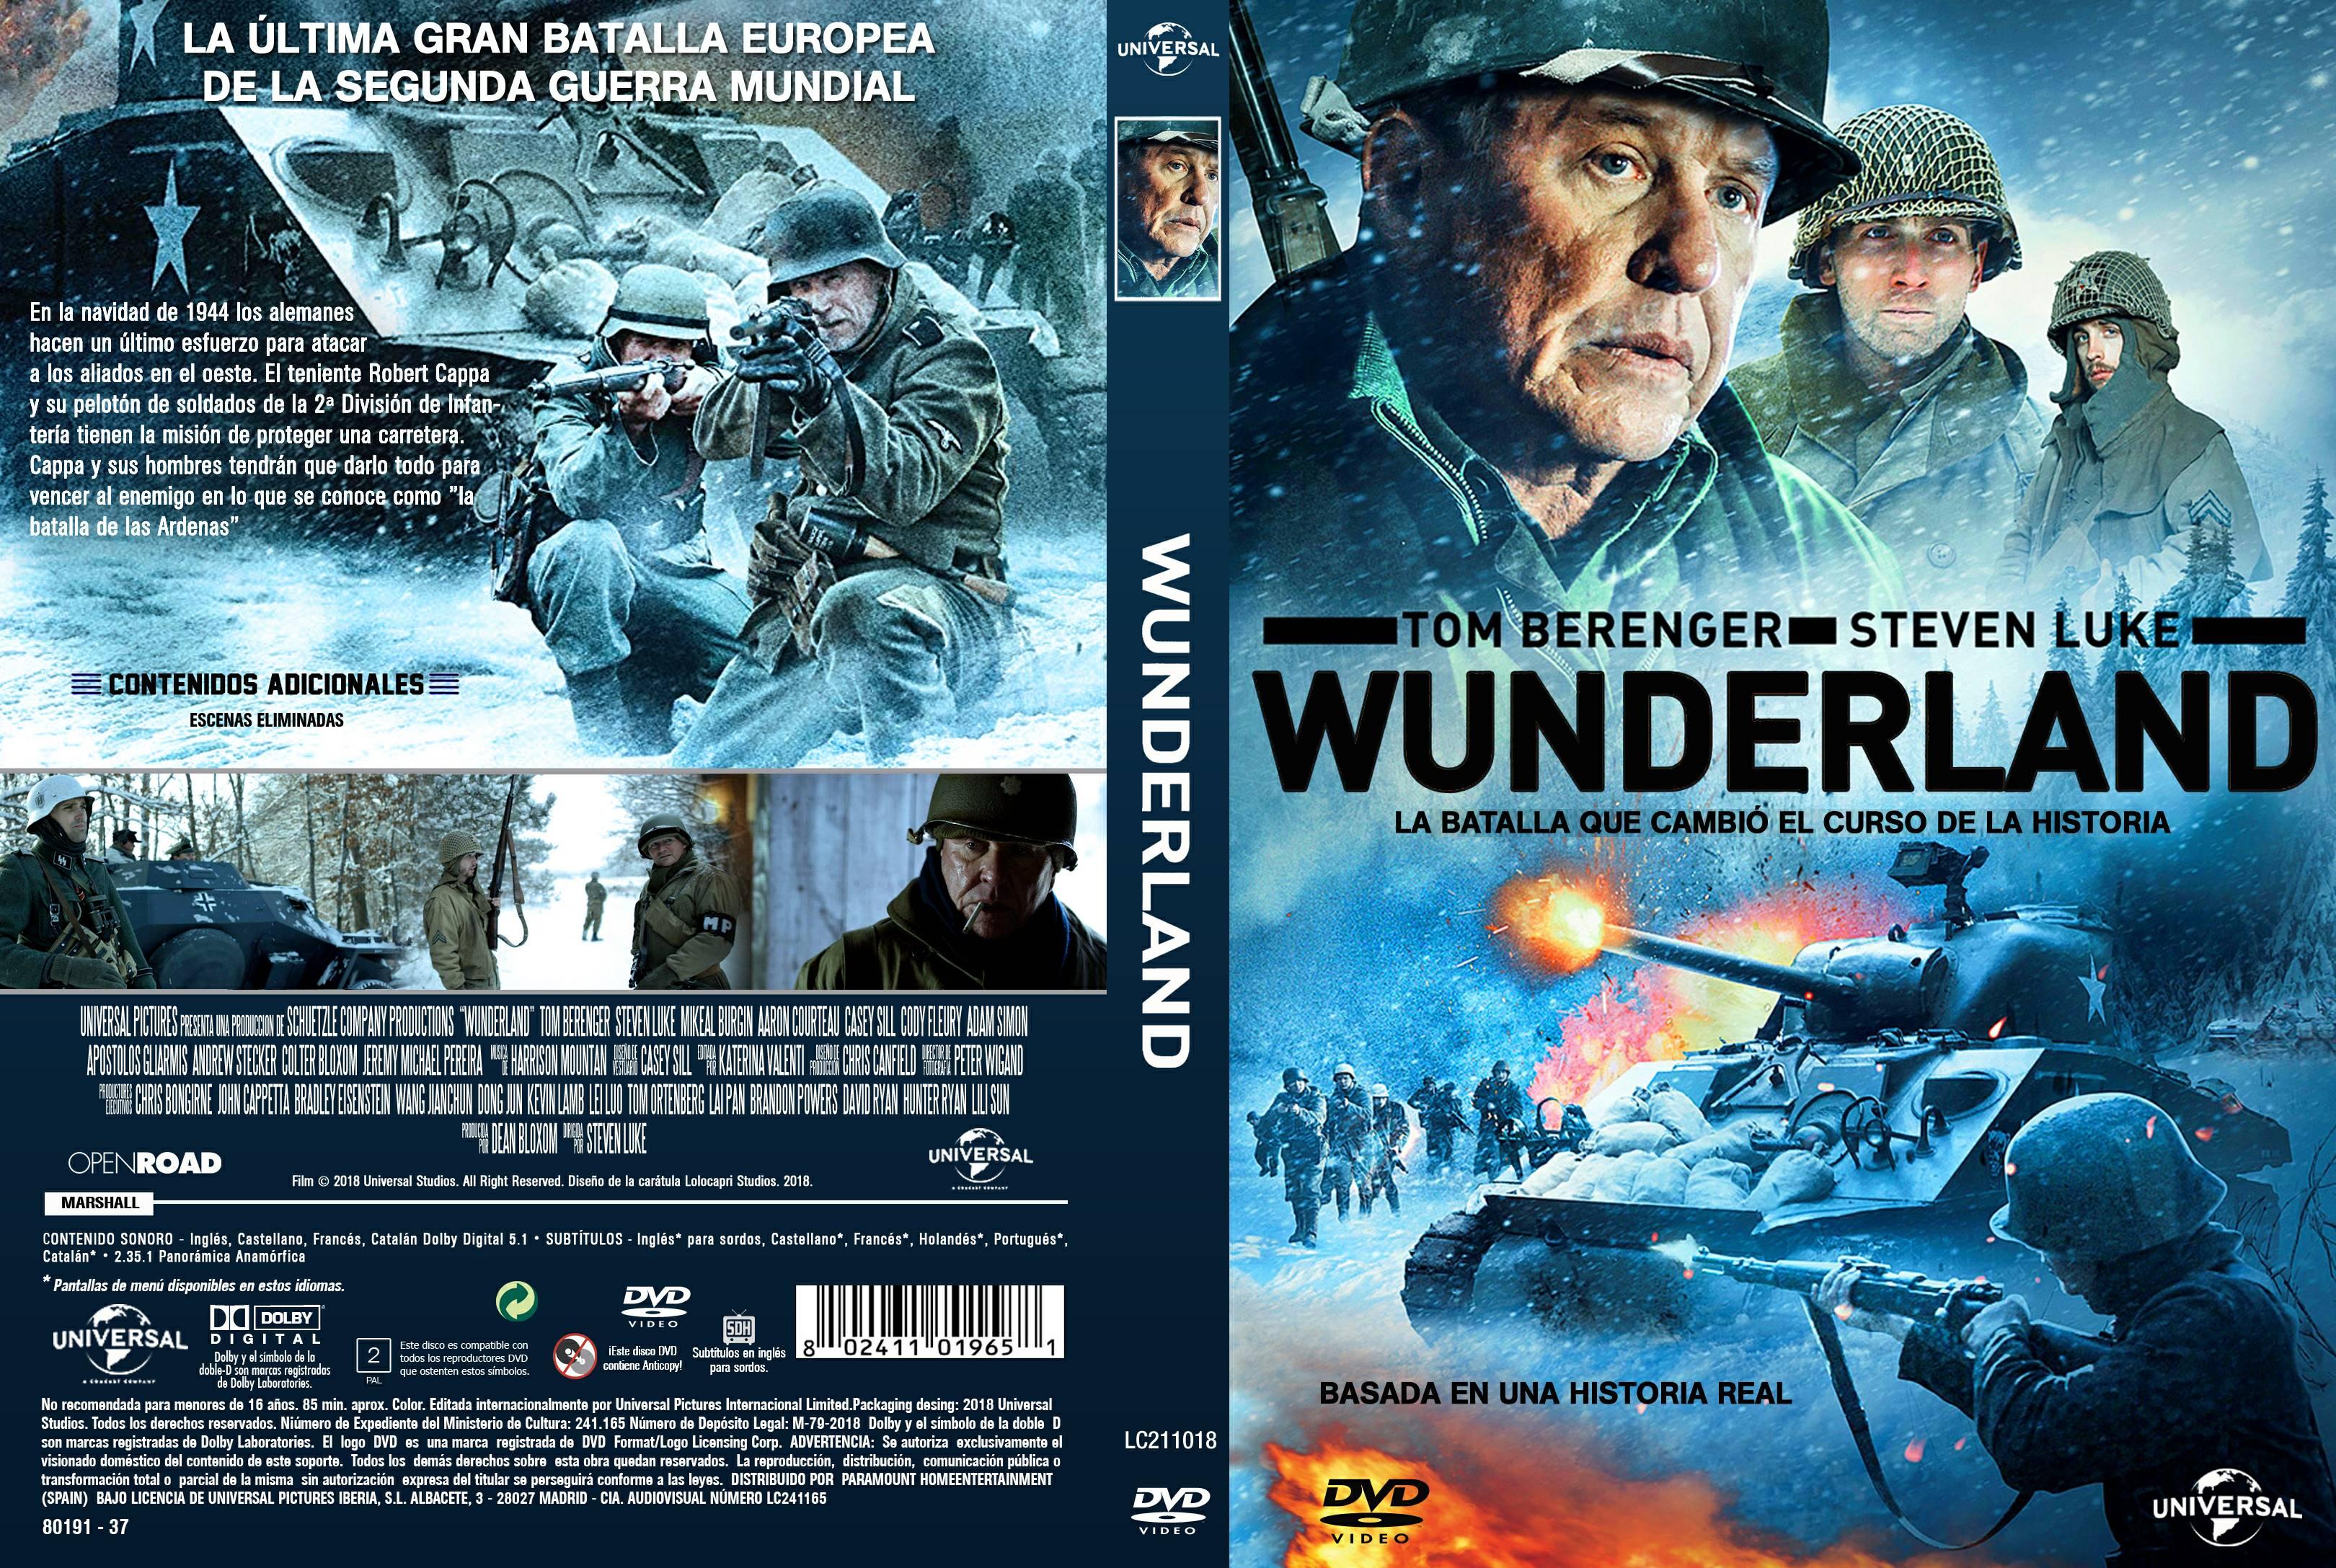 Wunderland Film